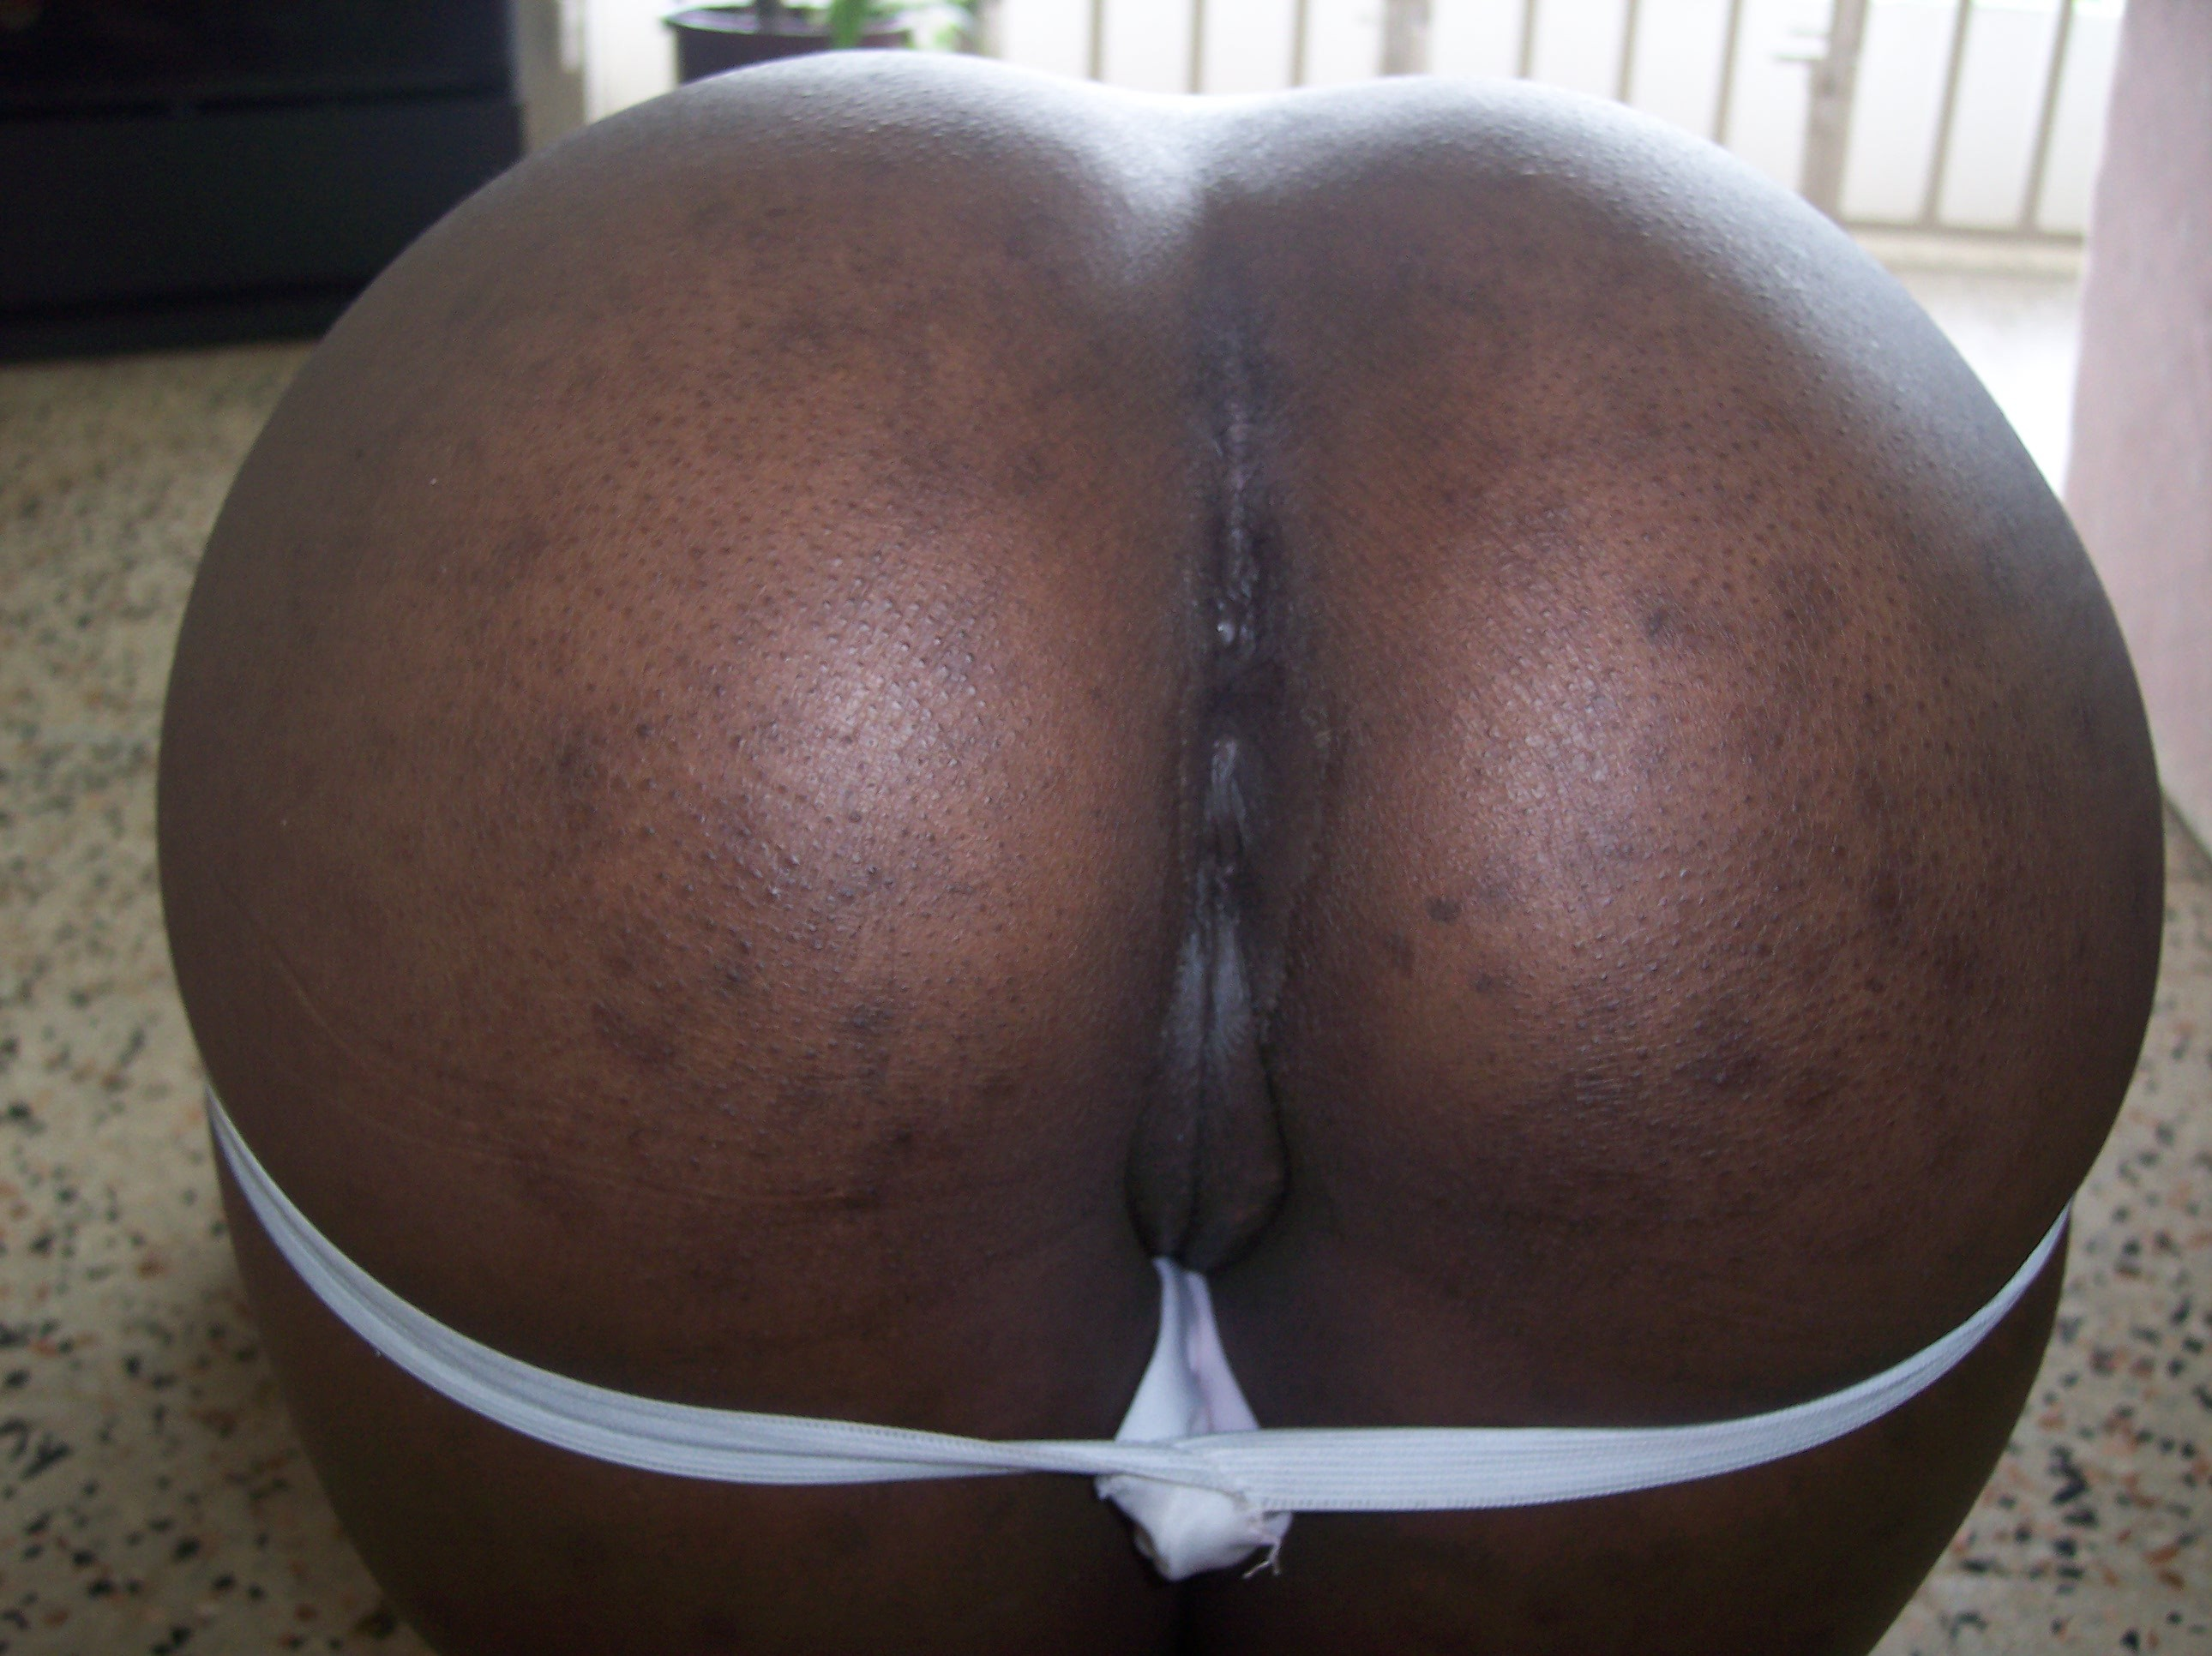 В узкий анус черной жопы ганской женщины безуспешно пытаются запихнуть разные предметы